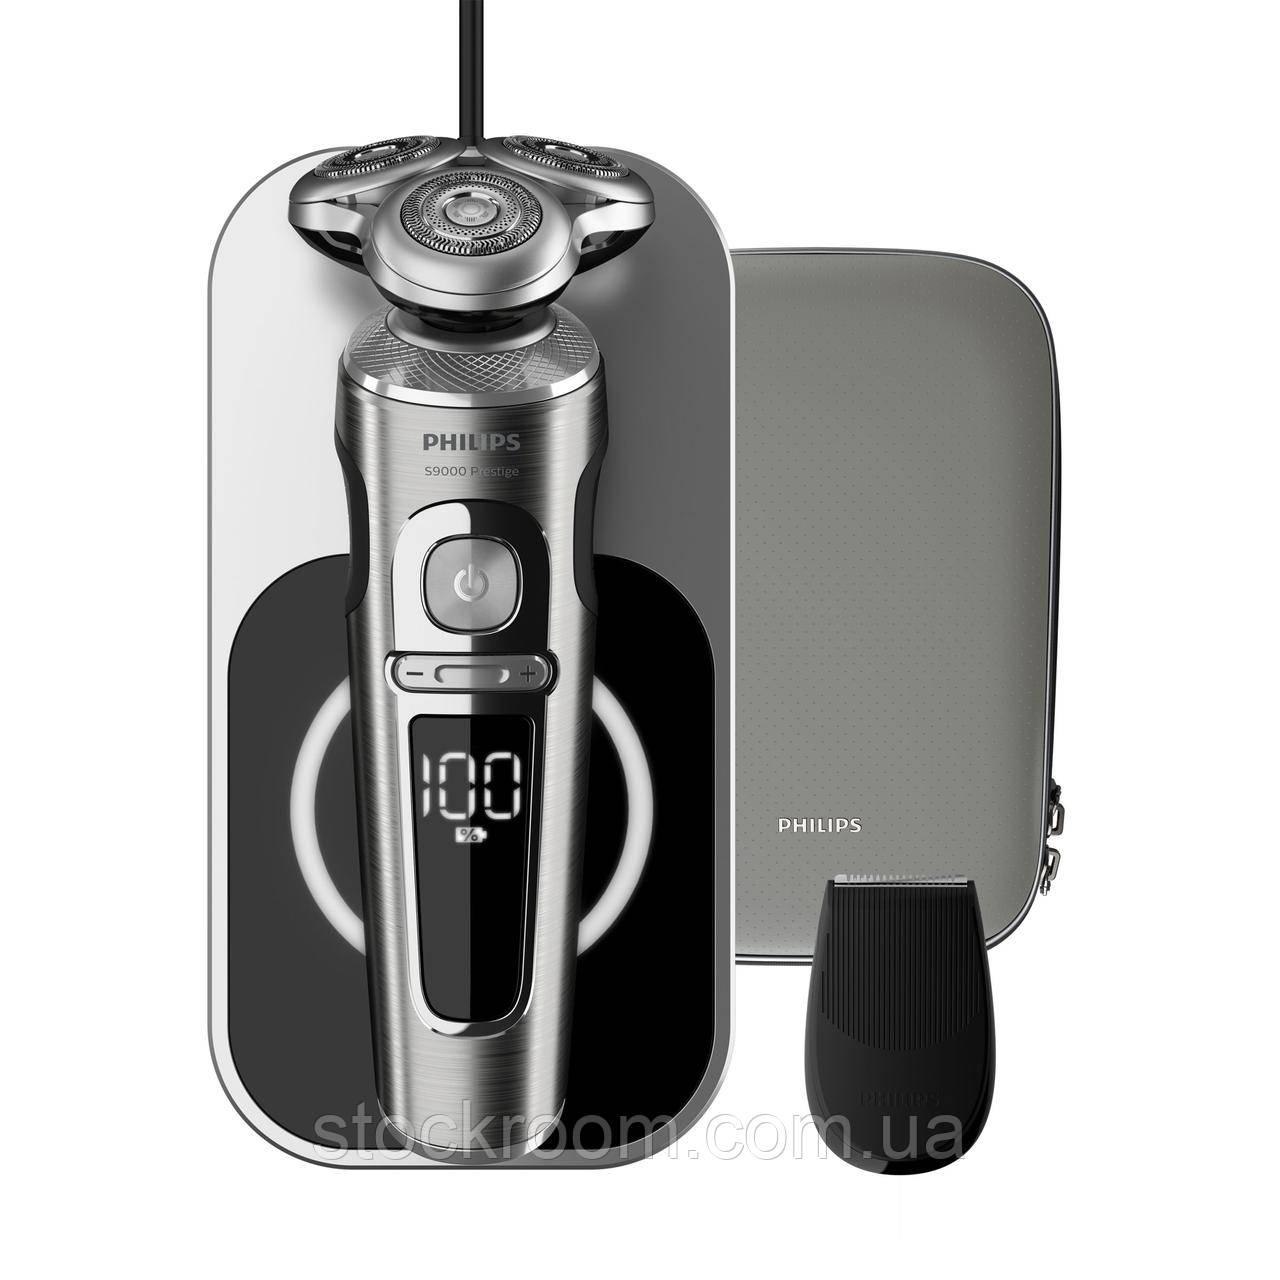 Бритва Philips SP 9860/13 серии S9000 для сухого и влажного бритья